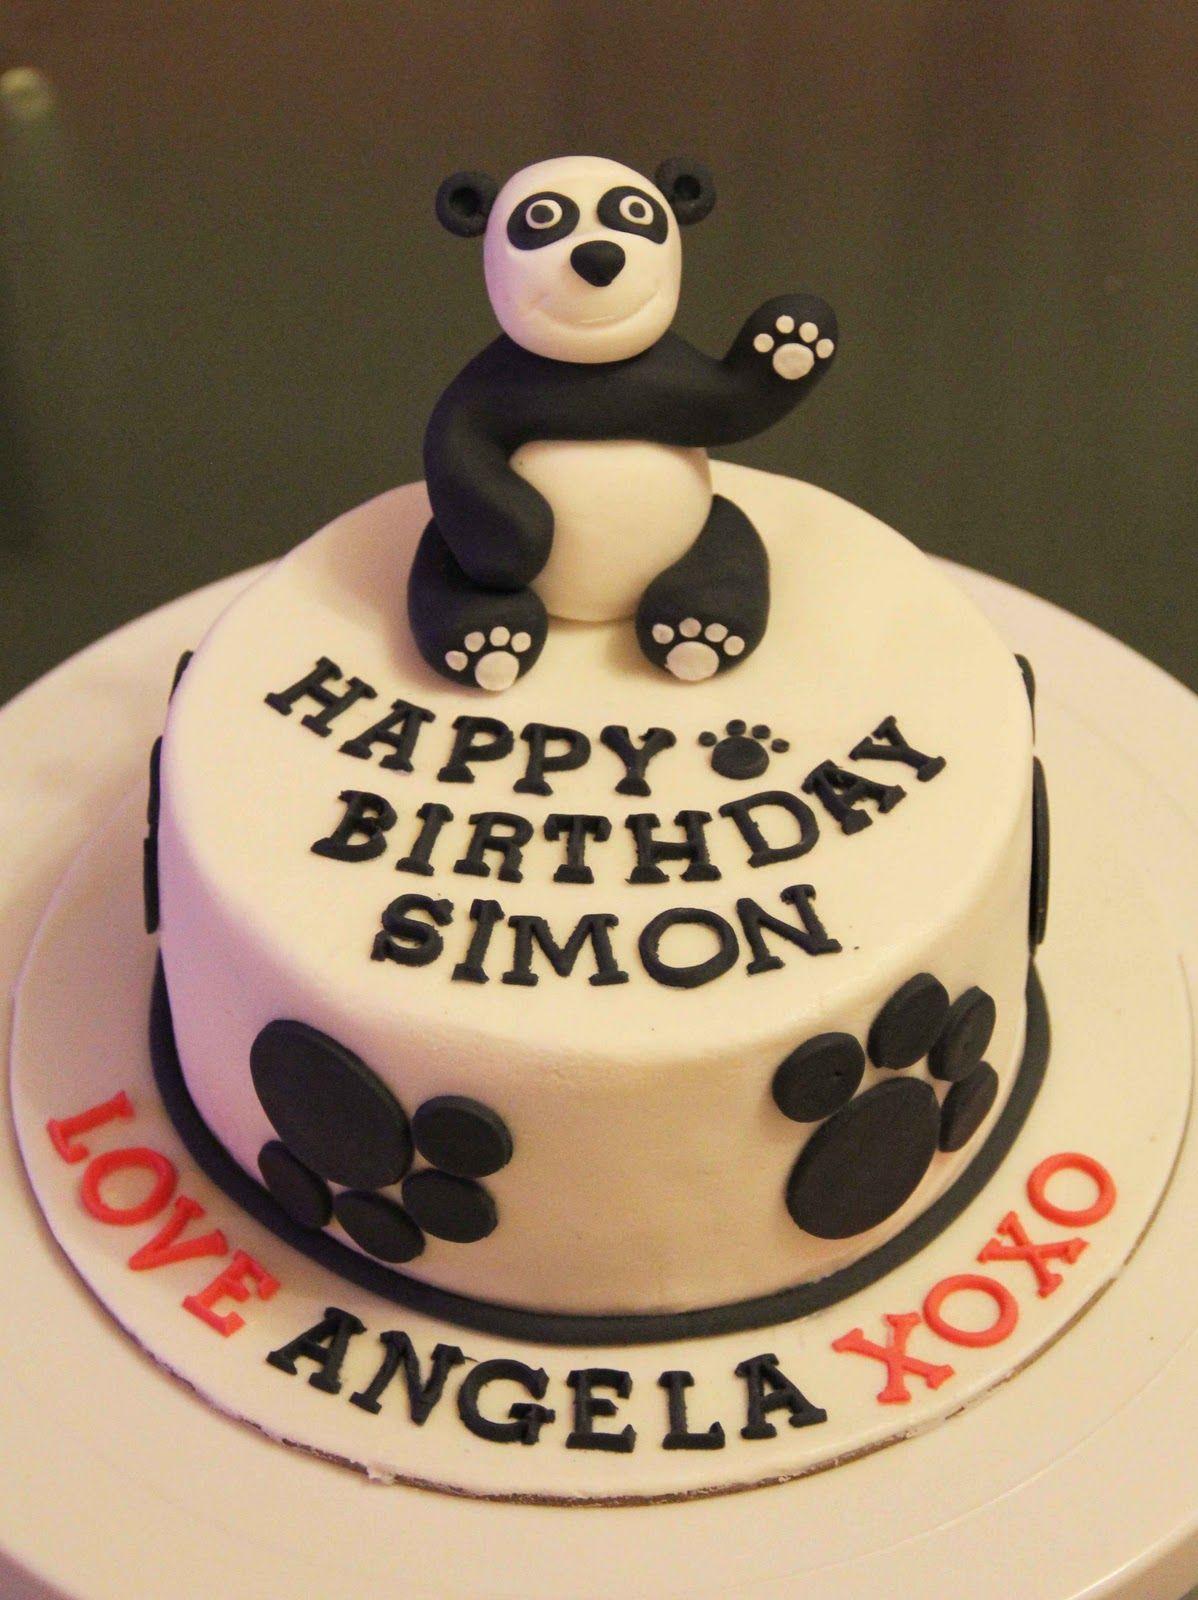 Cute Panda Birthday Cake Cute Panda Cakes Cute panda